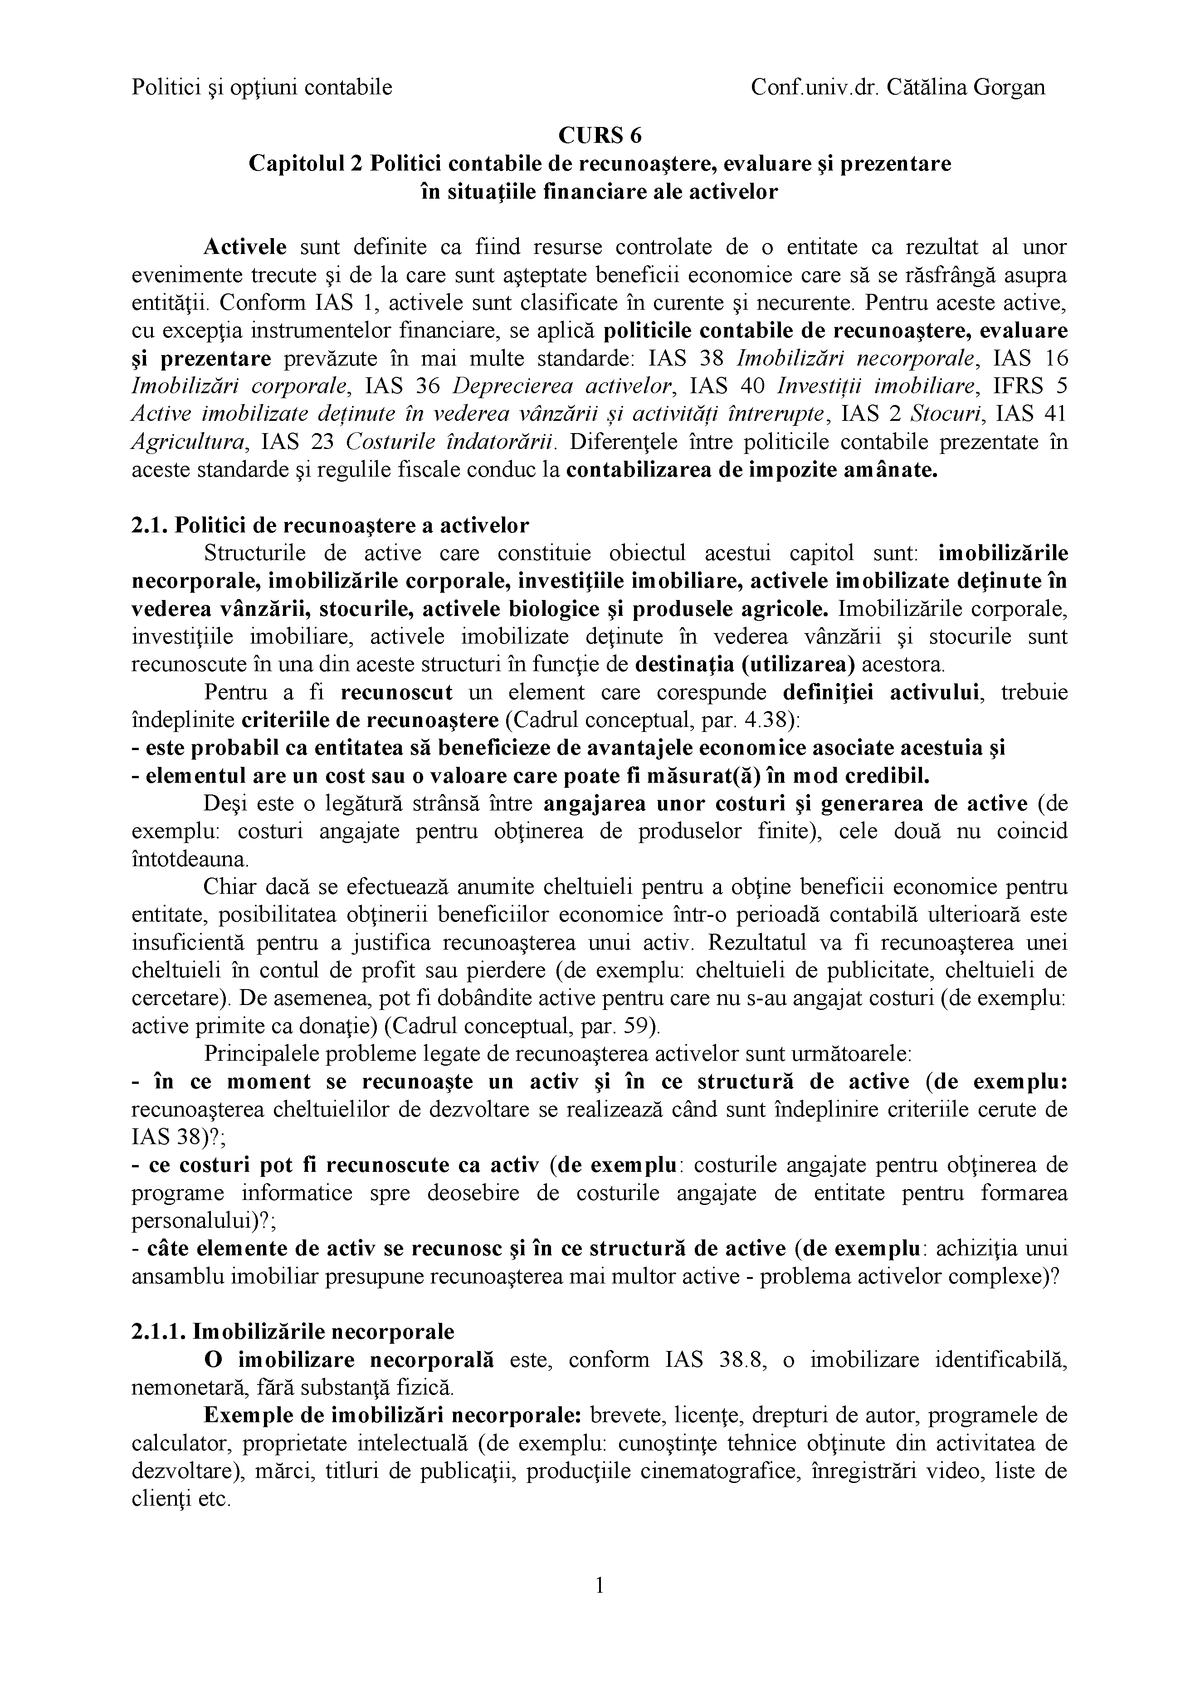 opțiuni de active financiare